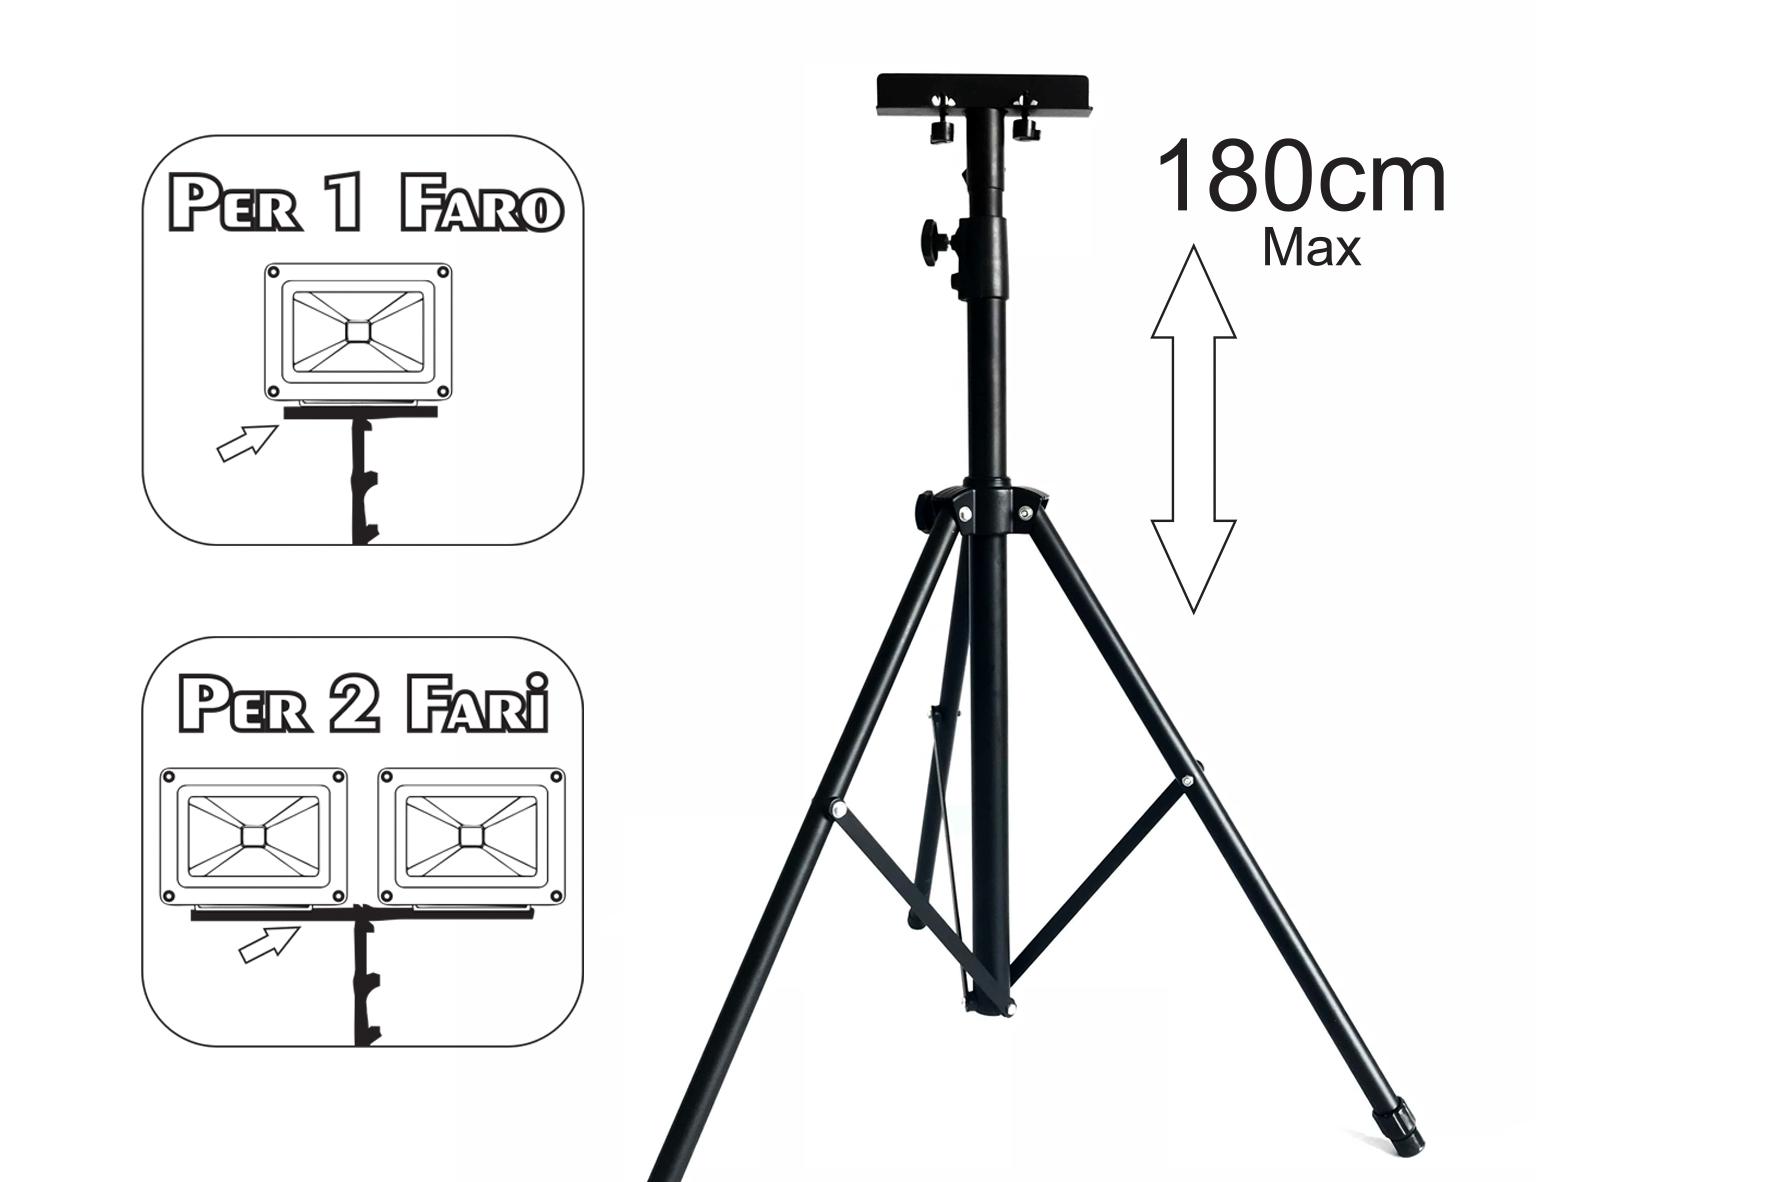 Tripiedi Treppiede Tripod Portafari Multiuso Per Faro Proiettore Uso Cantiere Officina 1 o 2 Faretti Max 180cm Altezza - PZ